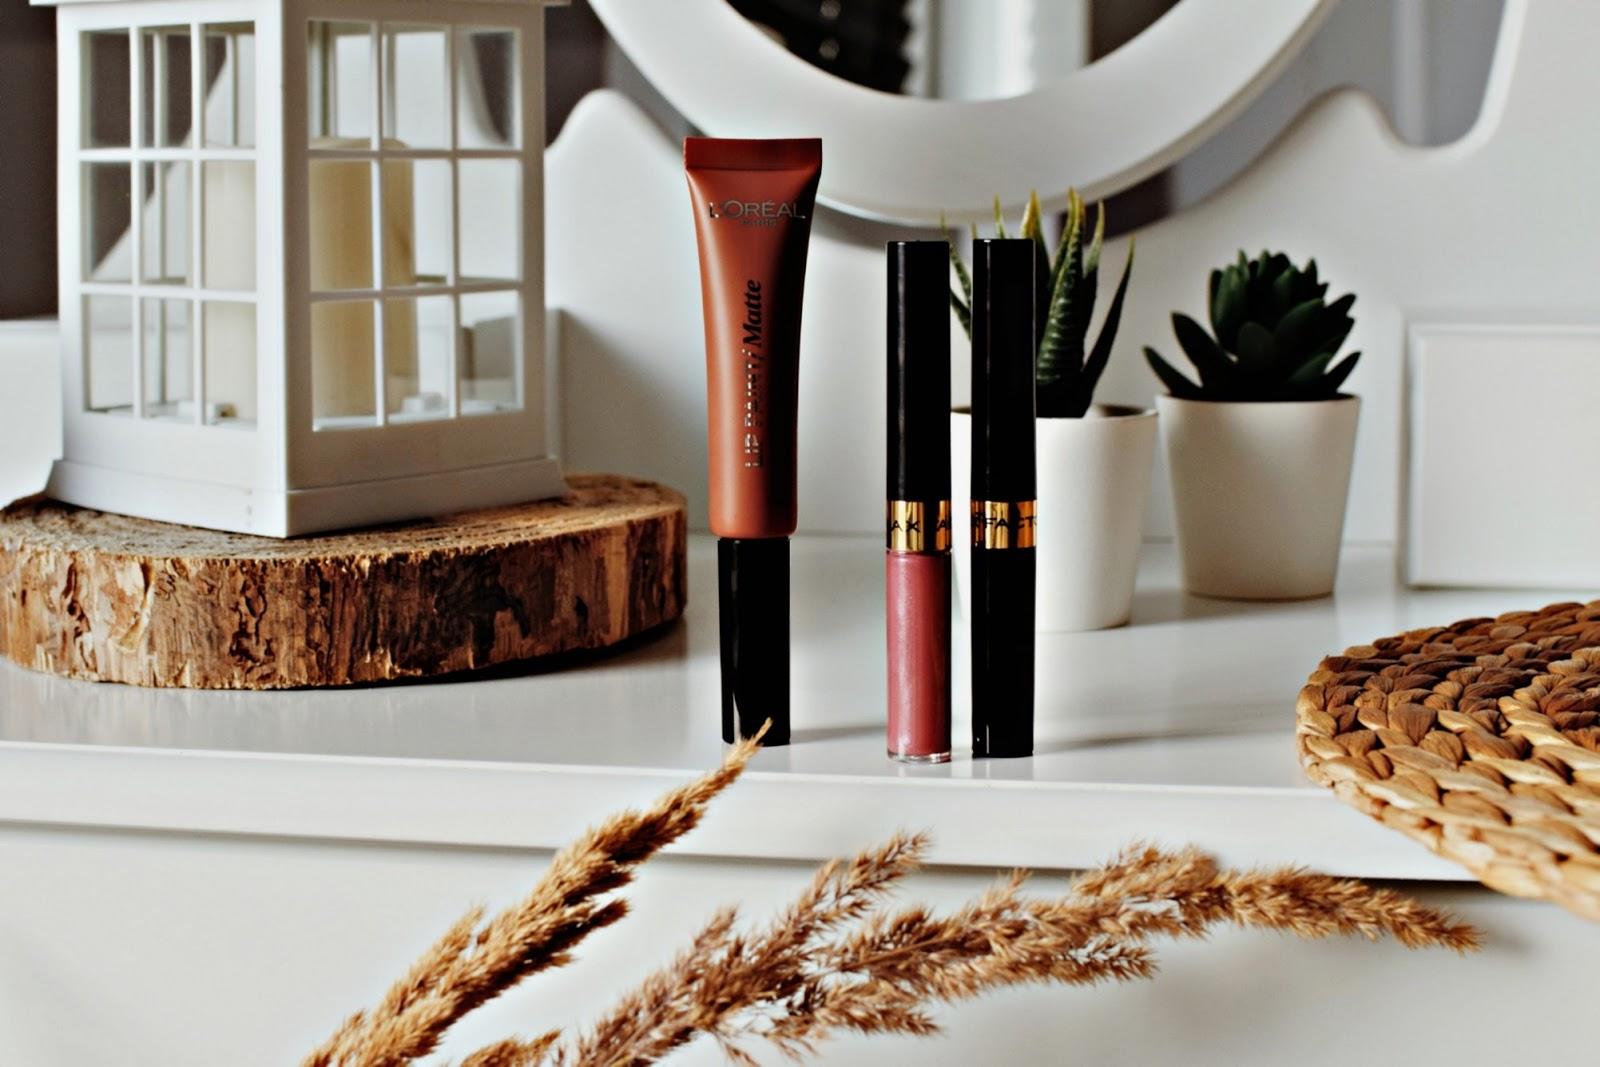 Max Factor Lipfinity Lip Color